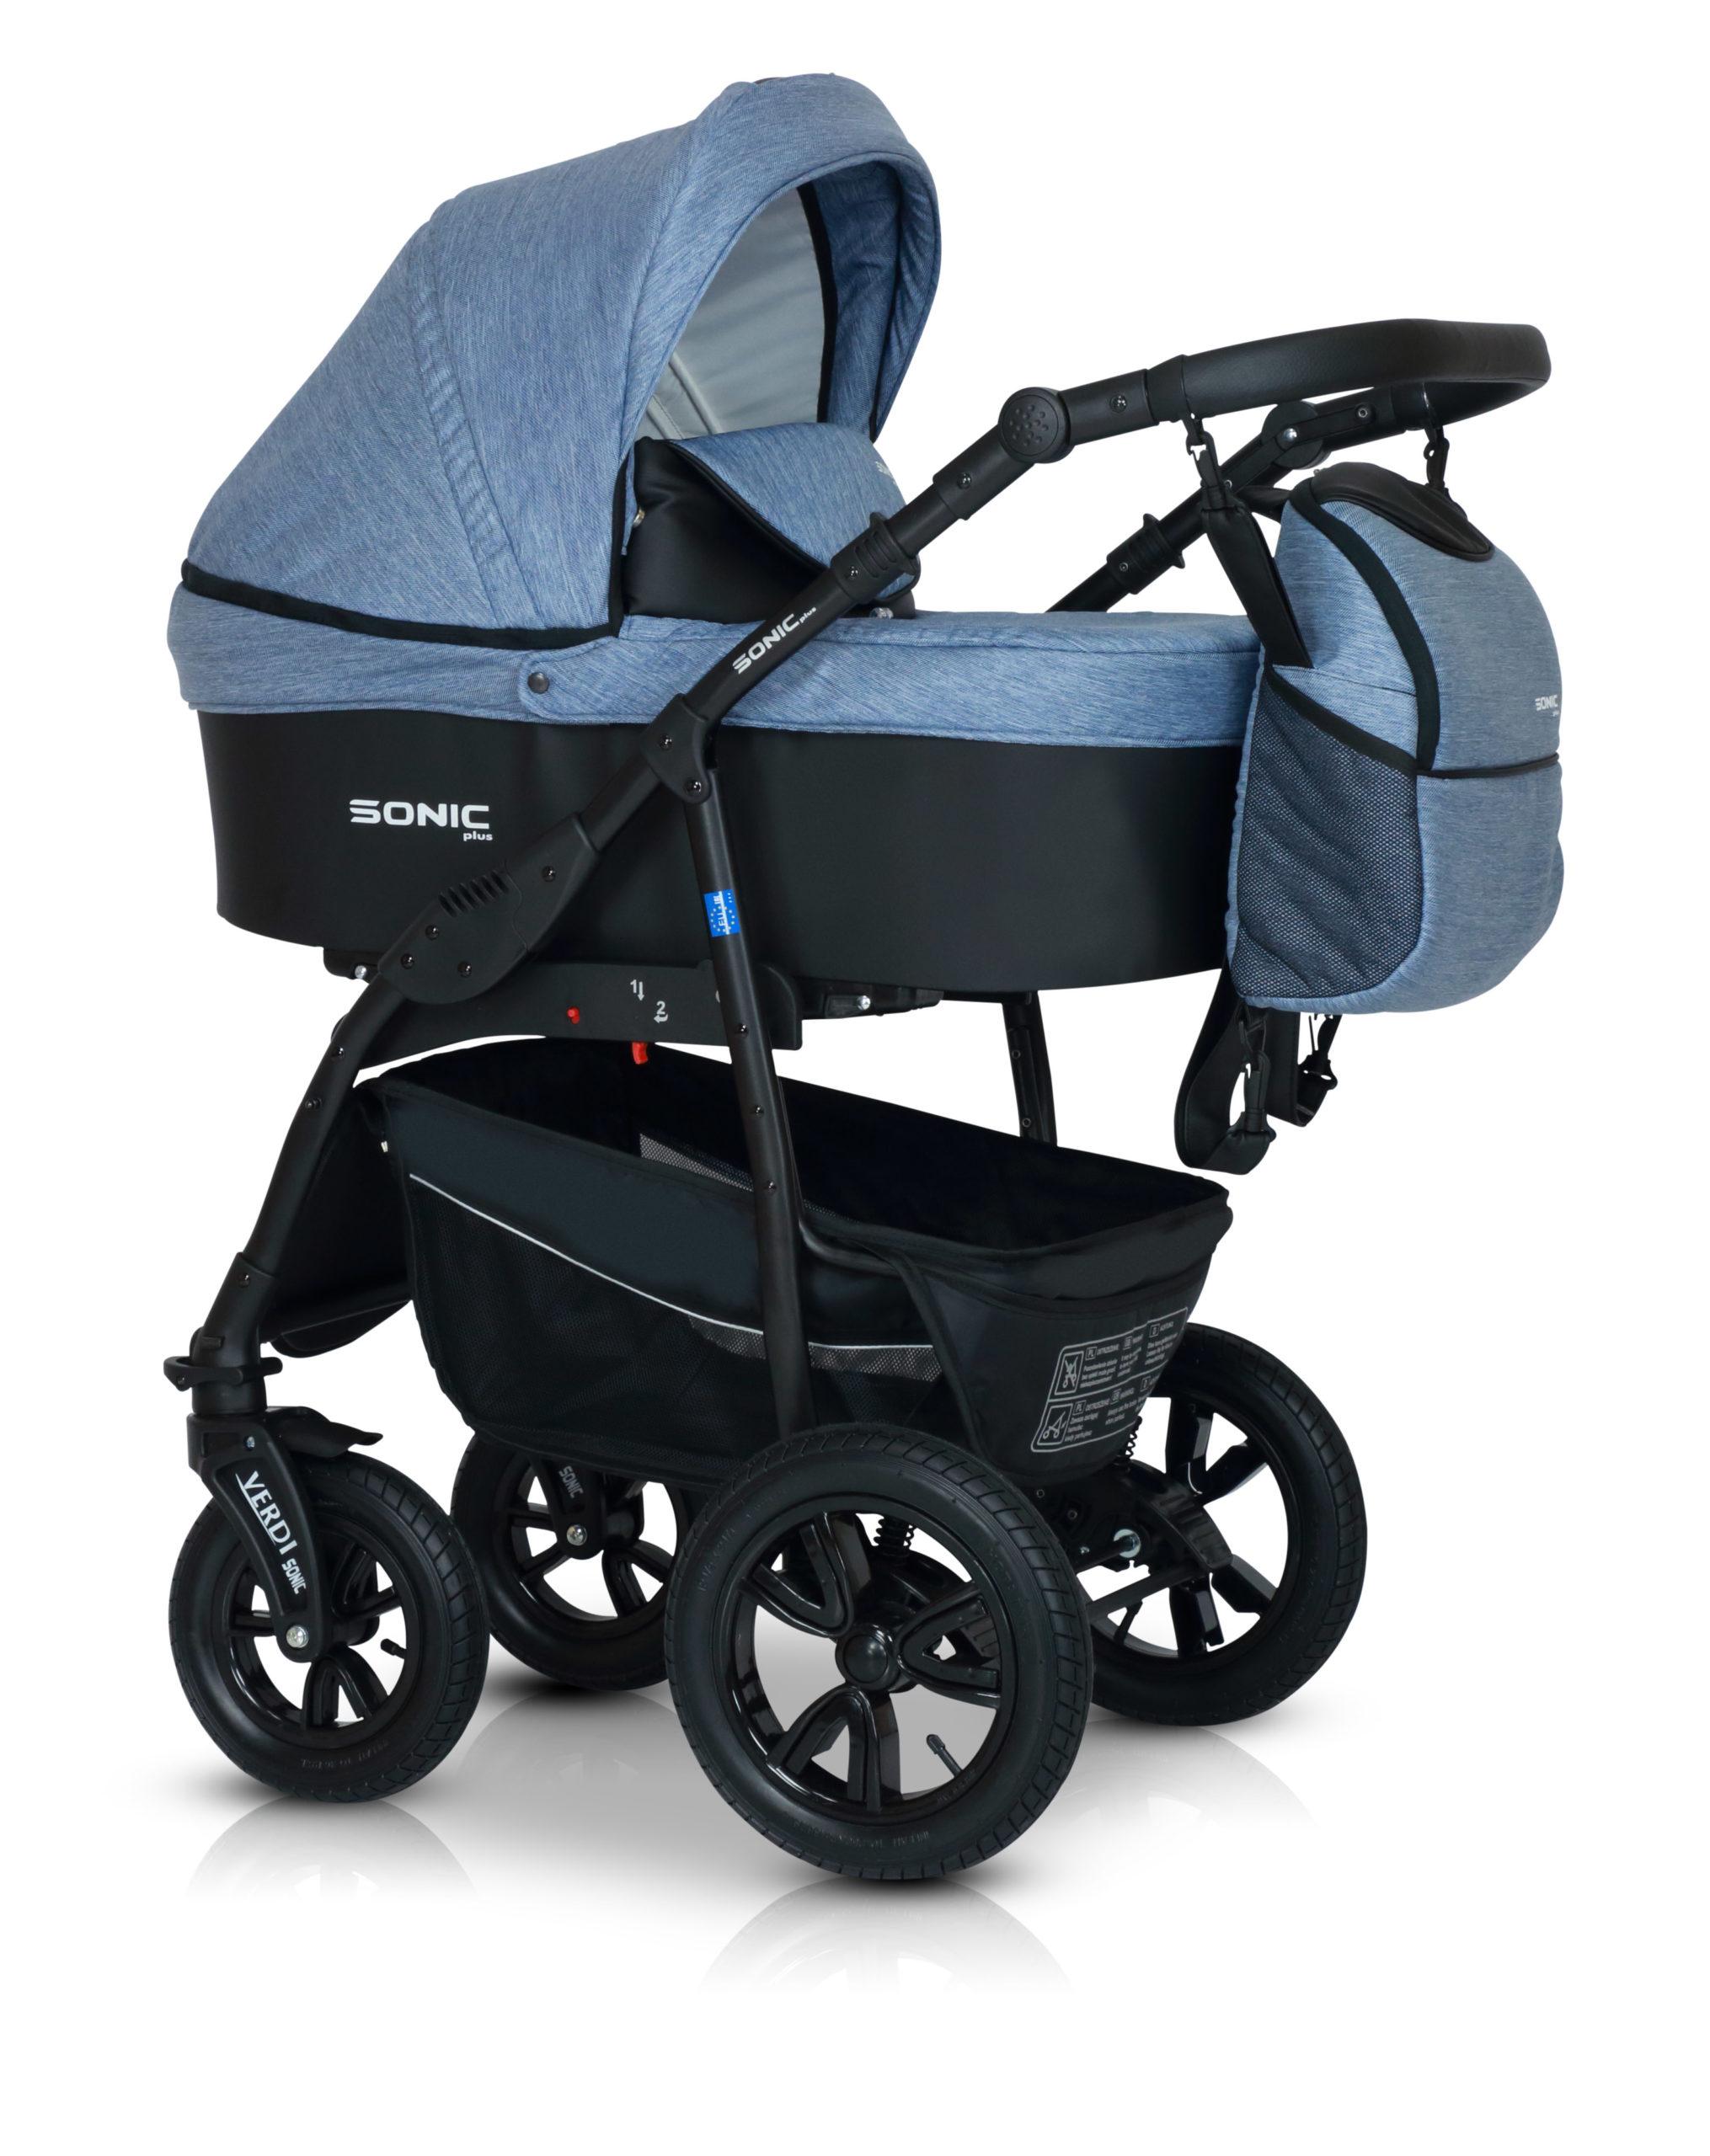 Детская коляска Verdi Sonic Plus 3 в 1 (Голубой/черный)